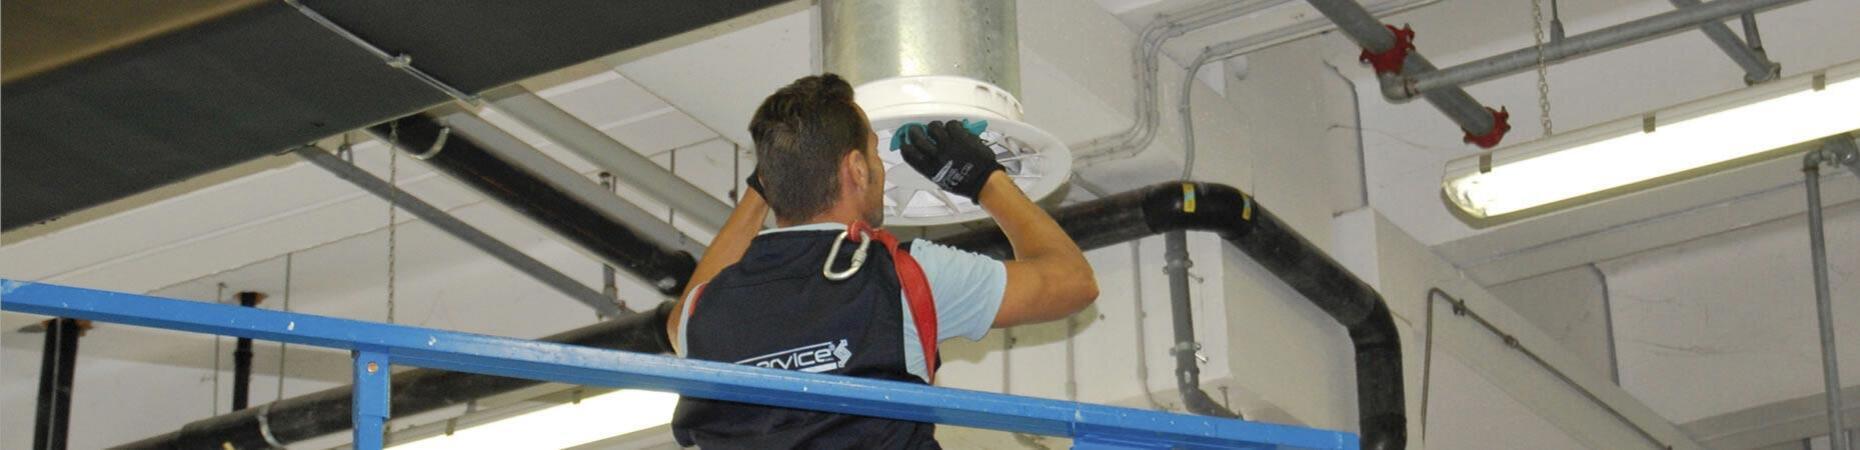 ecoservice-ancona it pulizia-e-sanificazione-condotti-aria-ancona 005